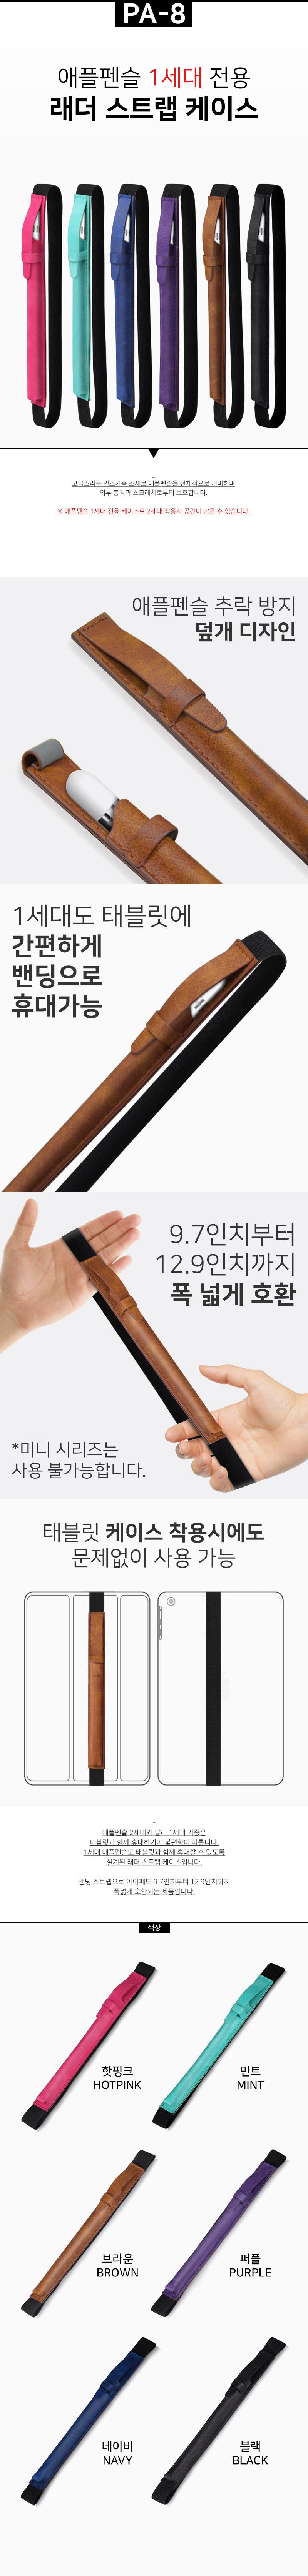 애플펜슬 1세대 래더 스트랩 인조가죽 케이스 pa-8 - 태블리스, 9,800원, 터치팬/스마트장갑, 터치팬